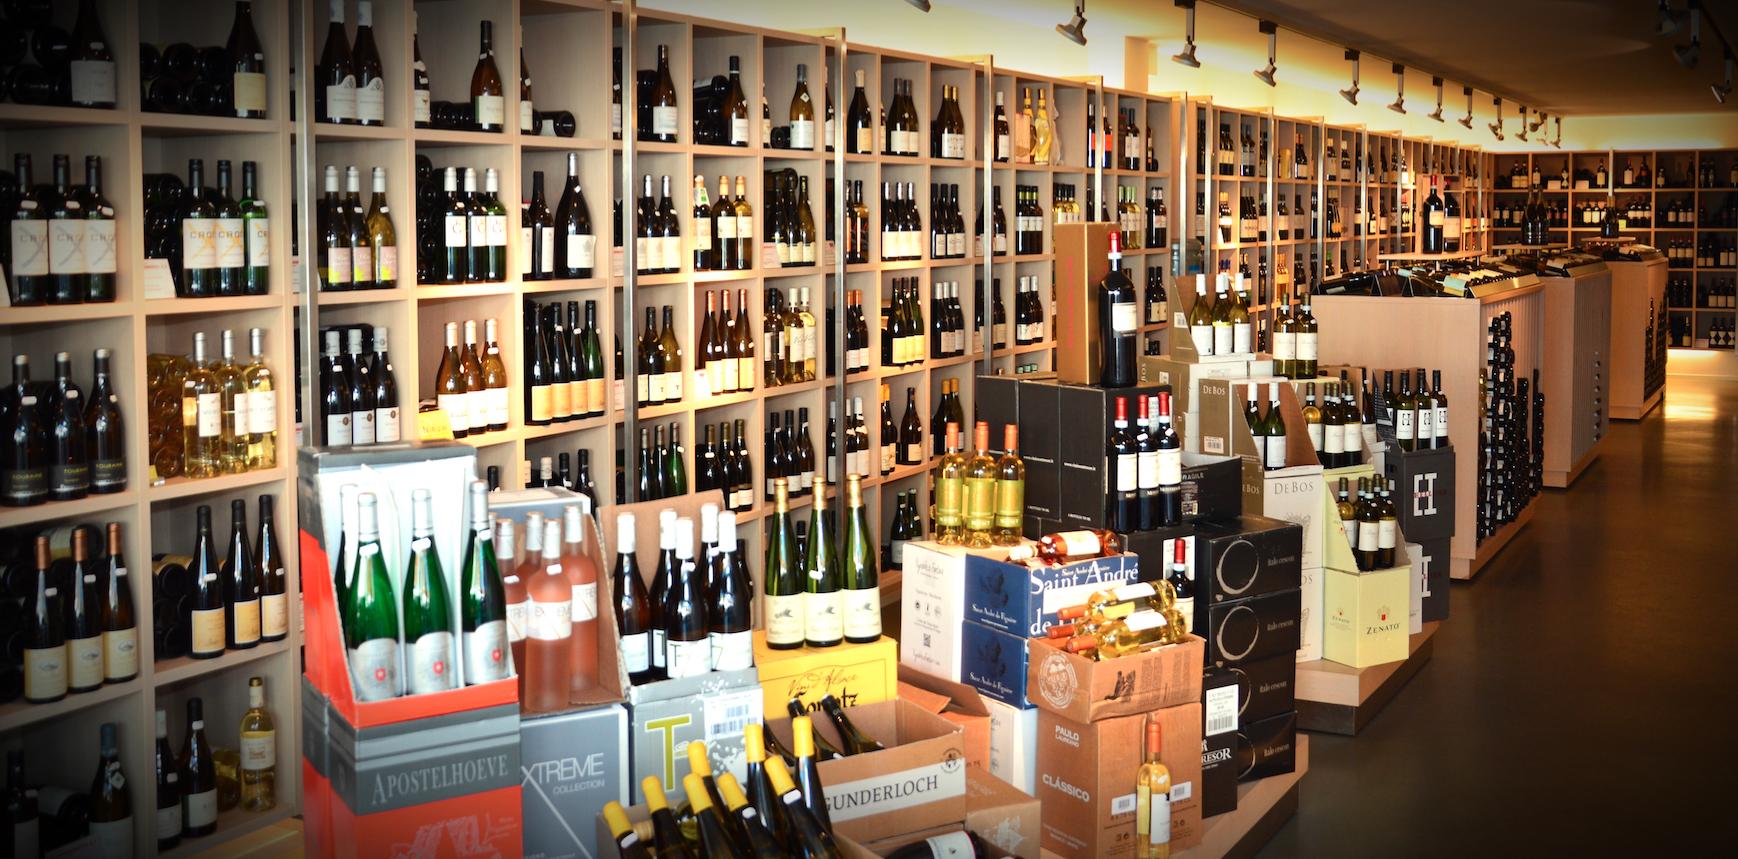 Le-Grand-Cru-wijnwinkel-Heemstede-wijnspeciaalzaak-mooie-wijnen